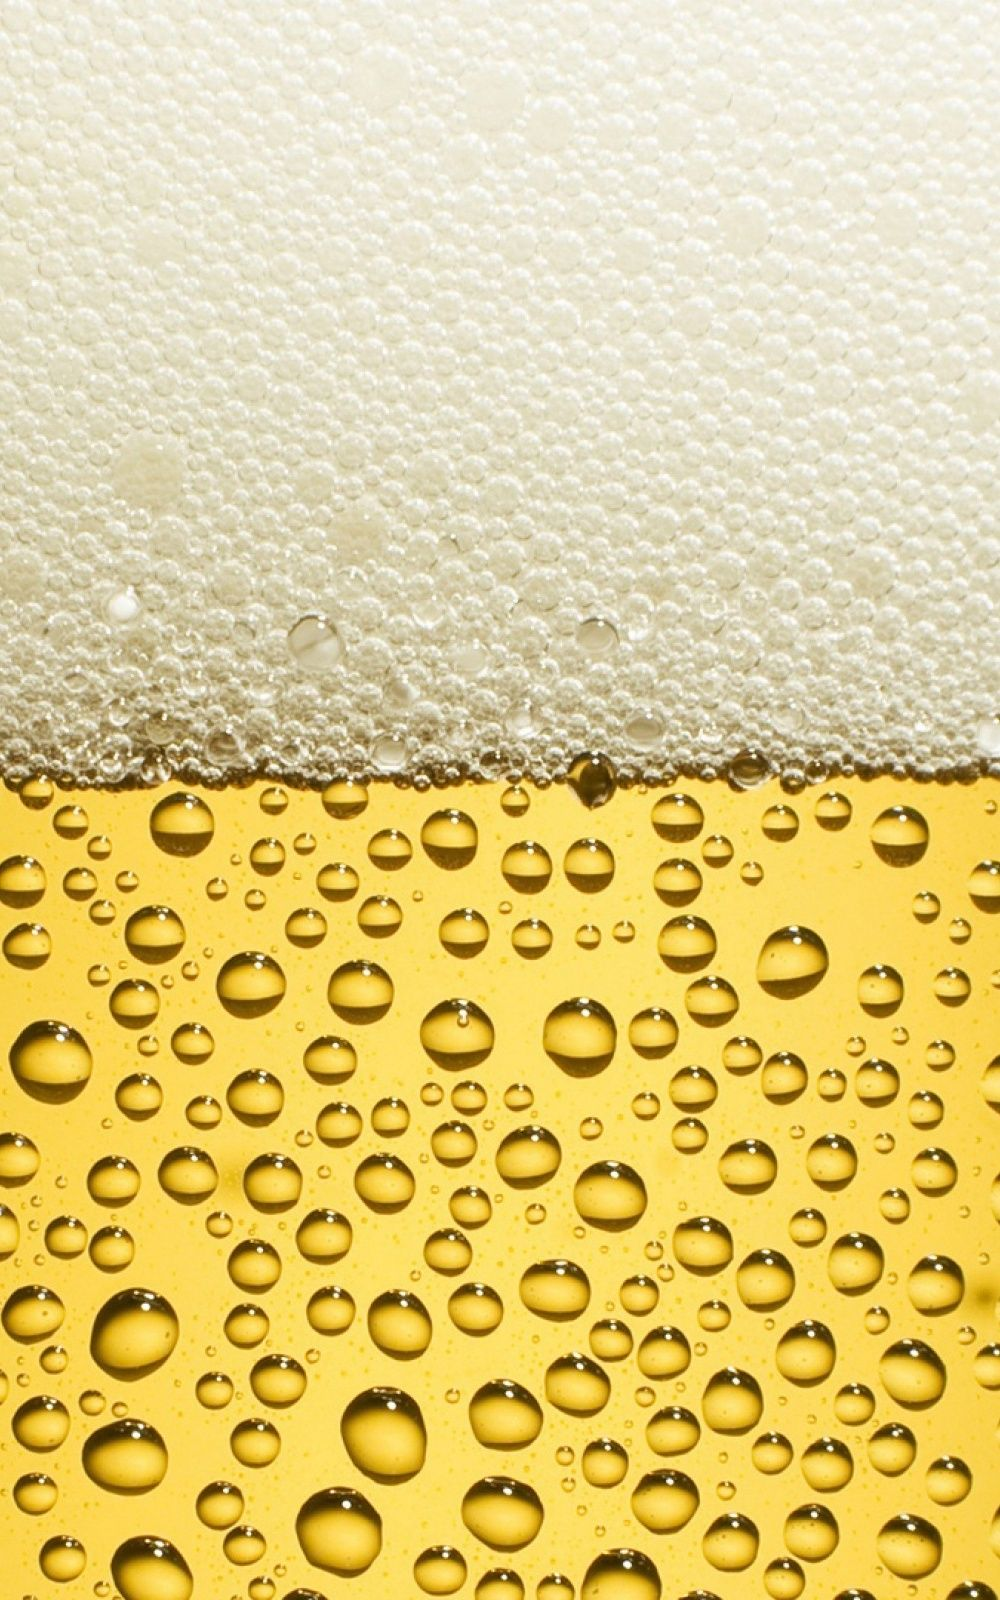 Beer Lockscreen Iphone 6 Plus Hd Wallpaper Beer Background